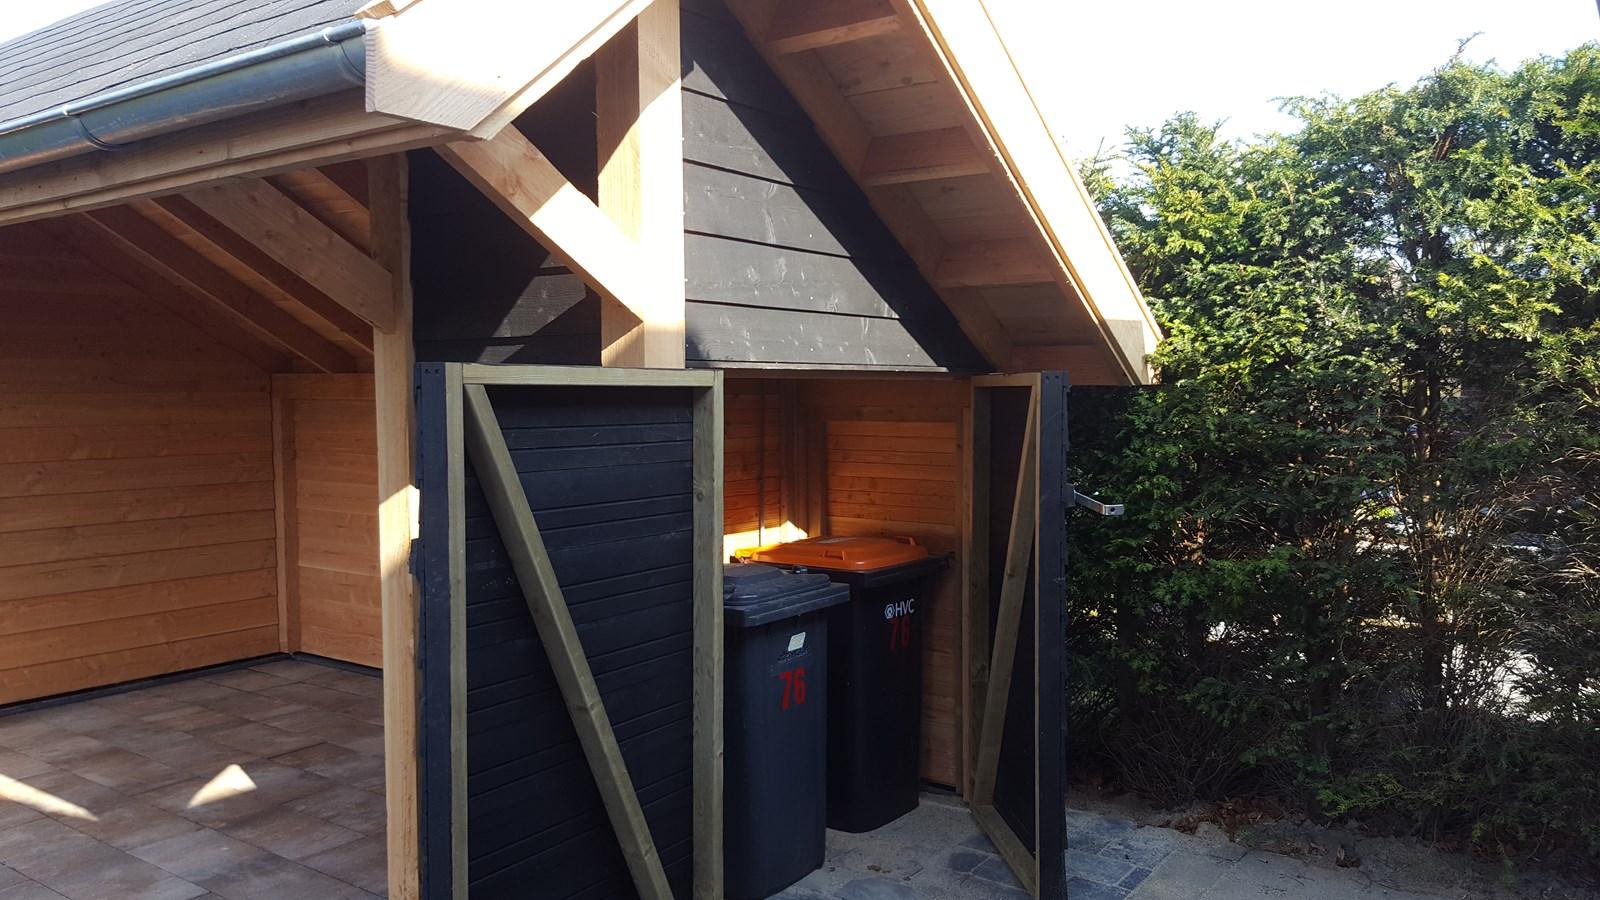 Project kapschuur veranda met berging for Berging met veranda